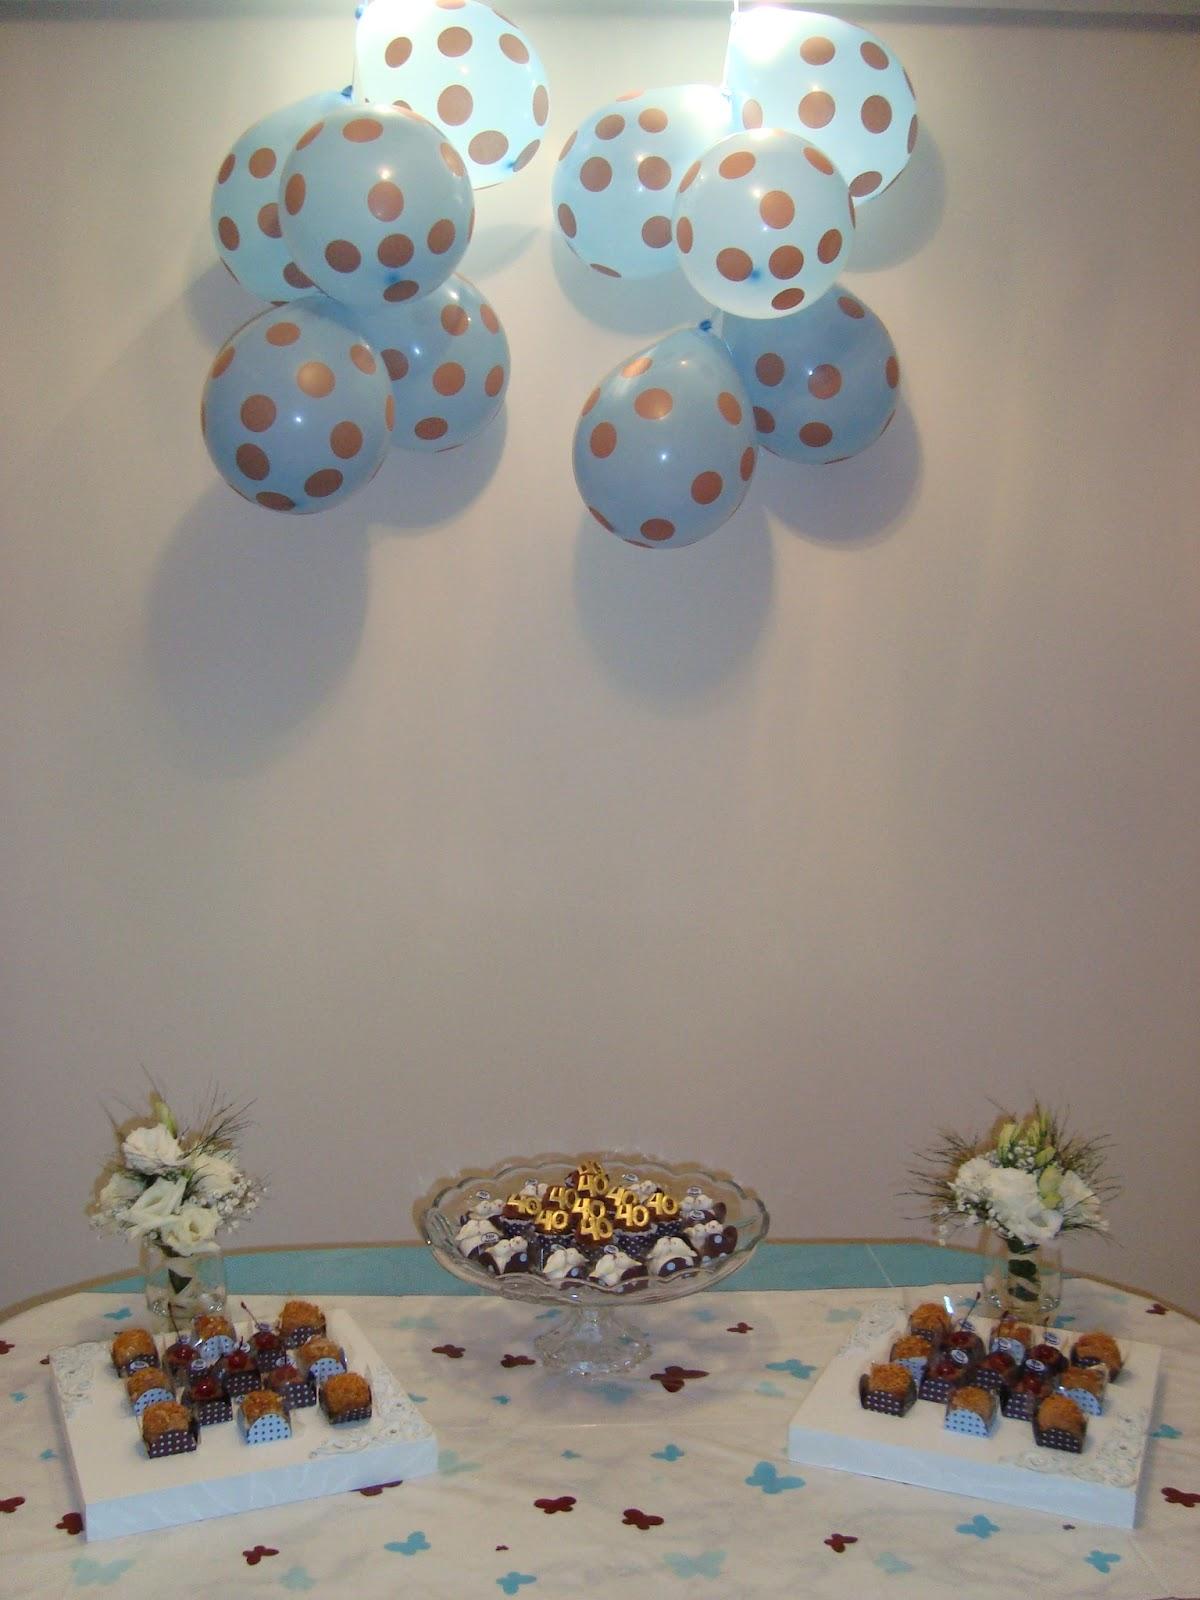 Fizemos uma festa surpresa, foi o máximo! A decoração fui eu quem